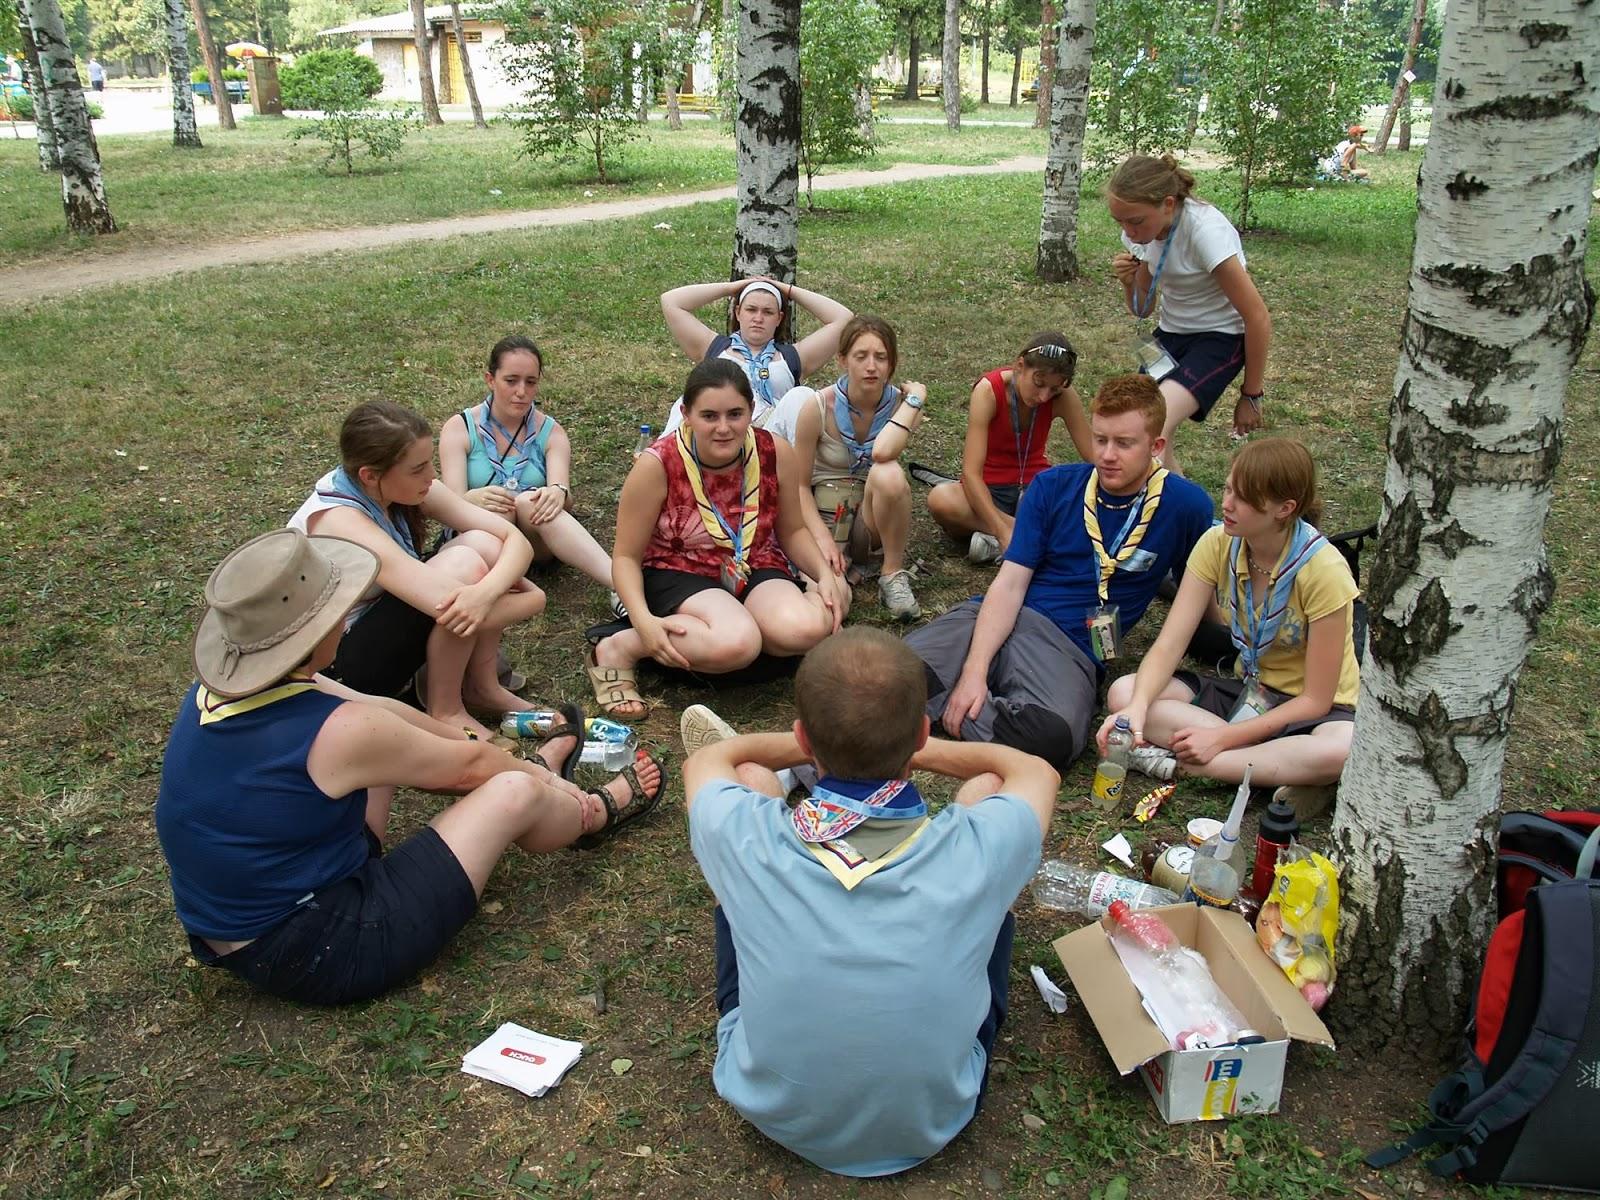 Smotra, Smotra 2006 - P0251907.JPG